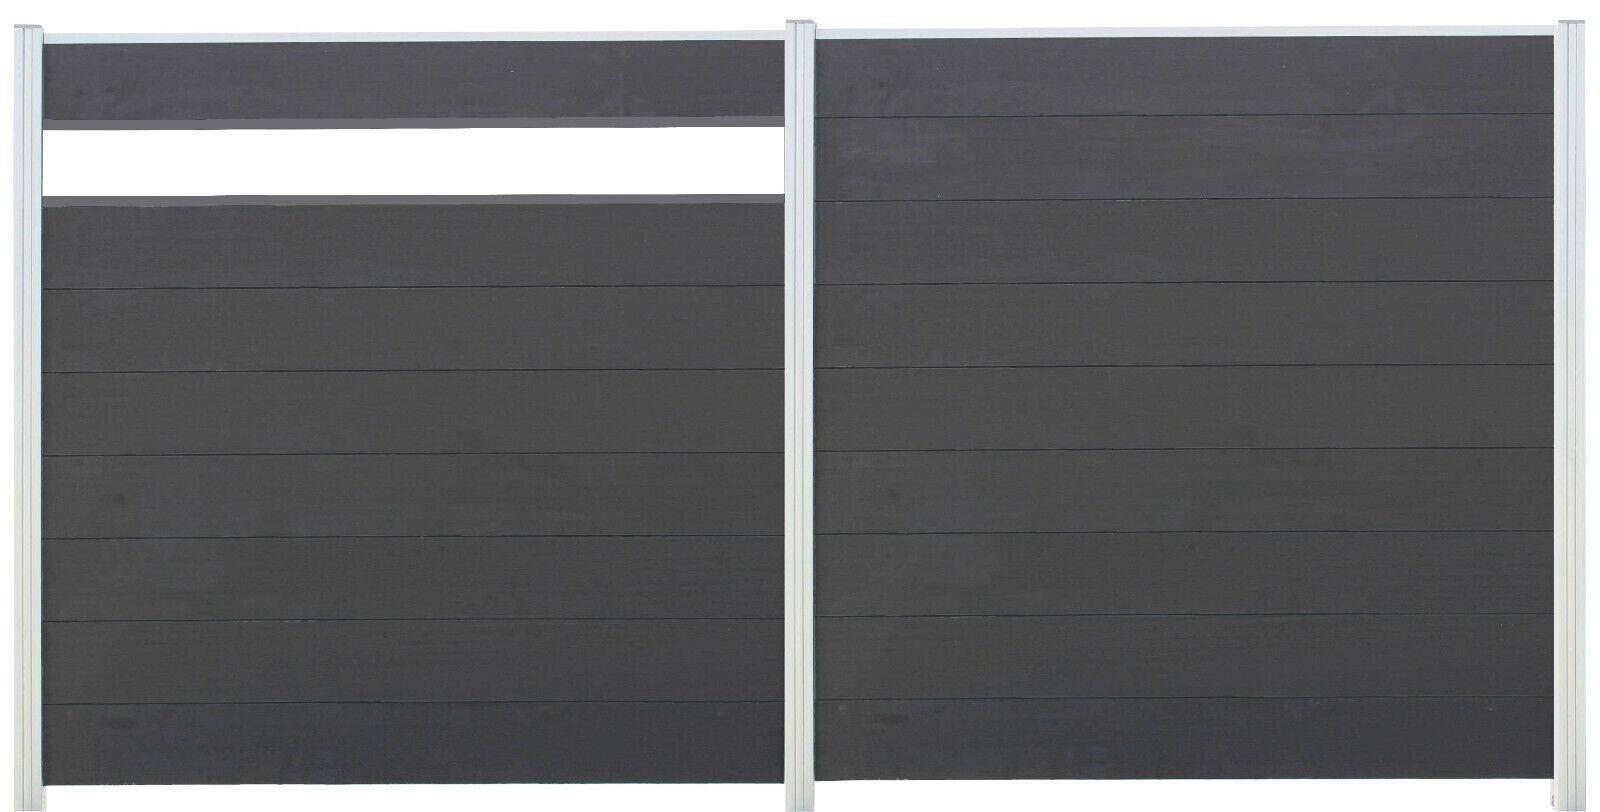 Offizielle Qualitat Pfosten Alu Glaseinlage Mit Zaun Sichtschutz